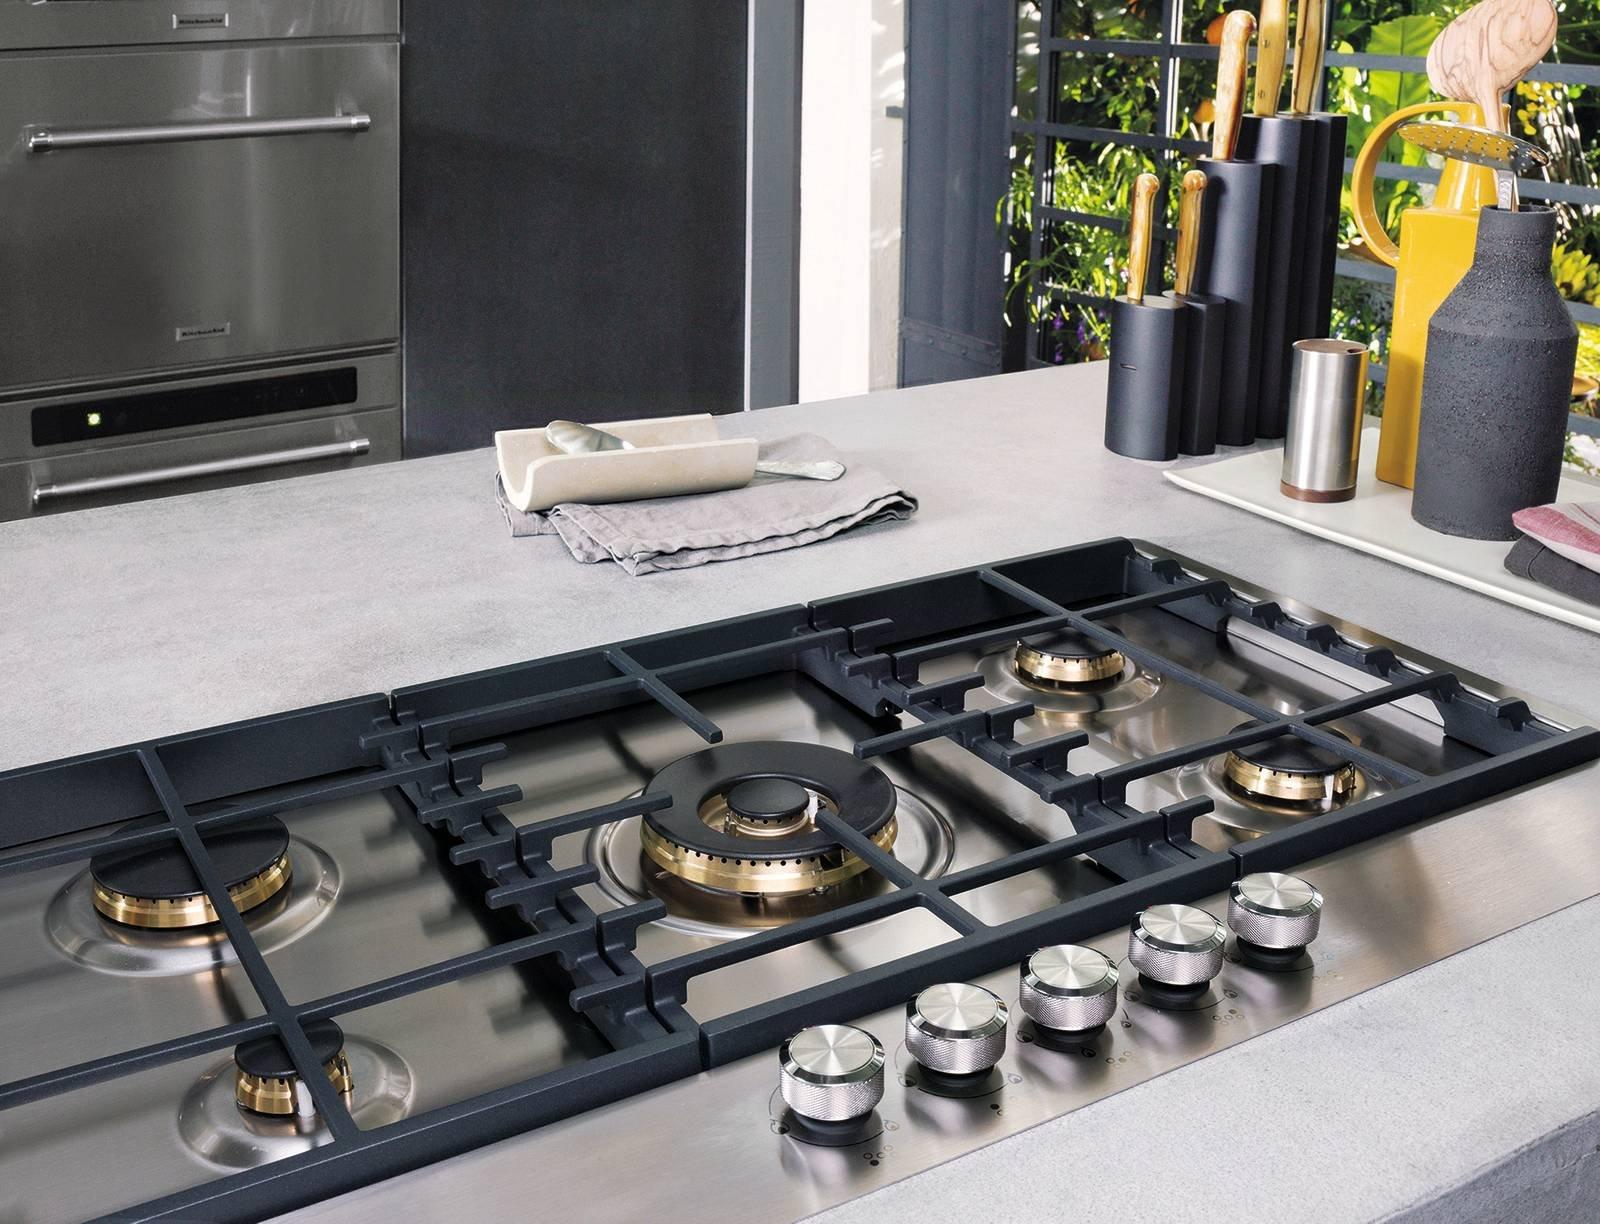 Piano cottura a induzione a gas o elettrico cose di casa - Comporre cucina ...